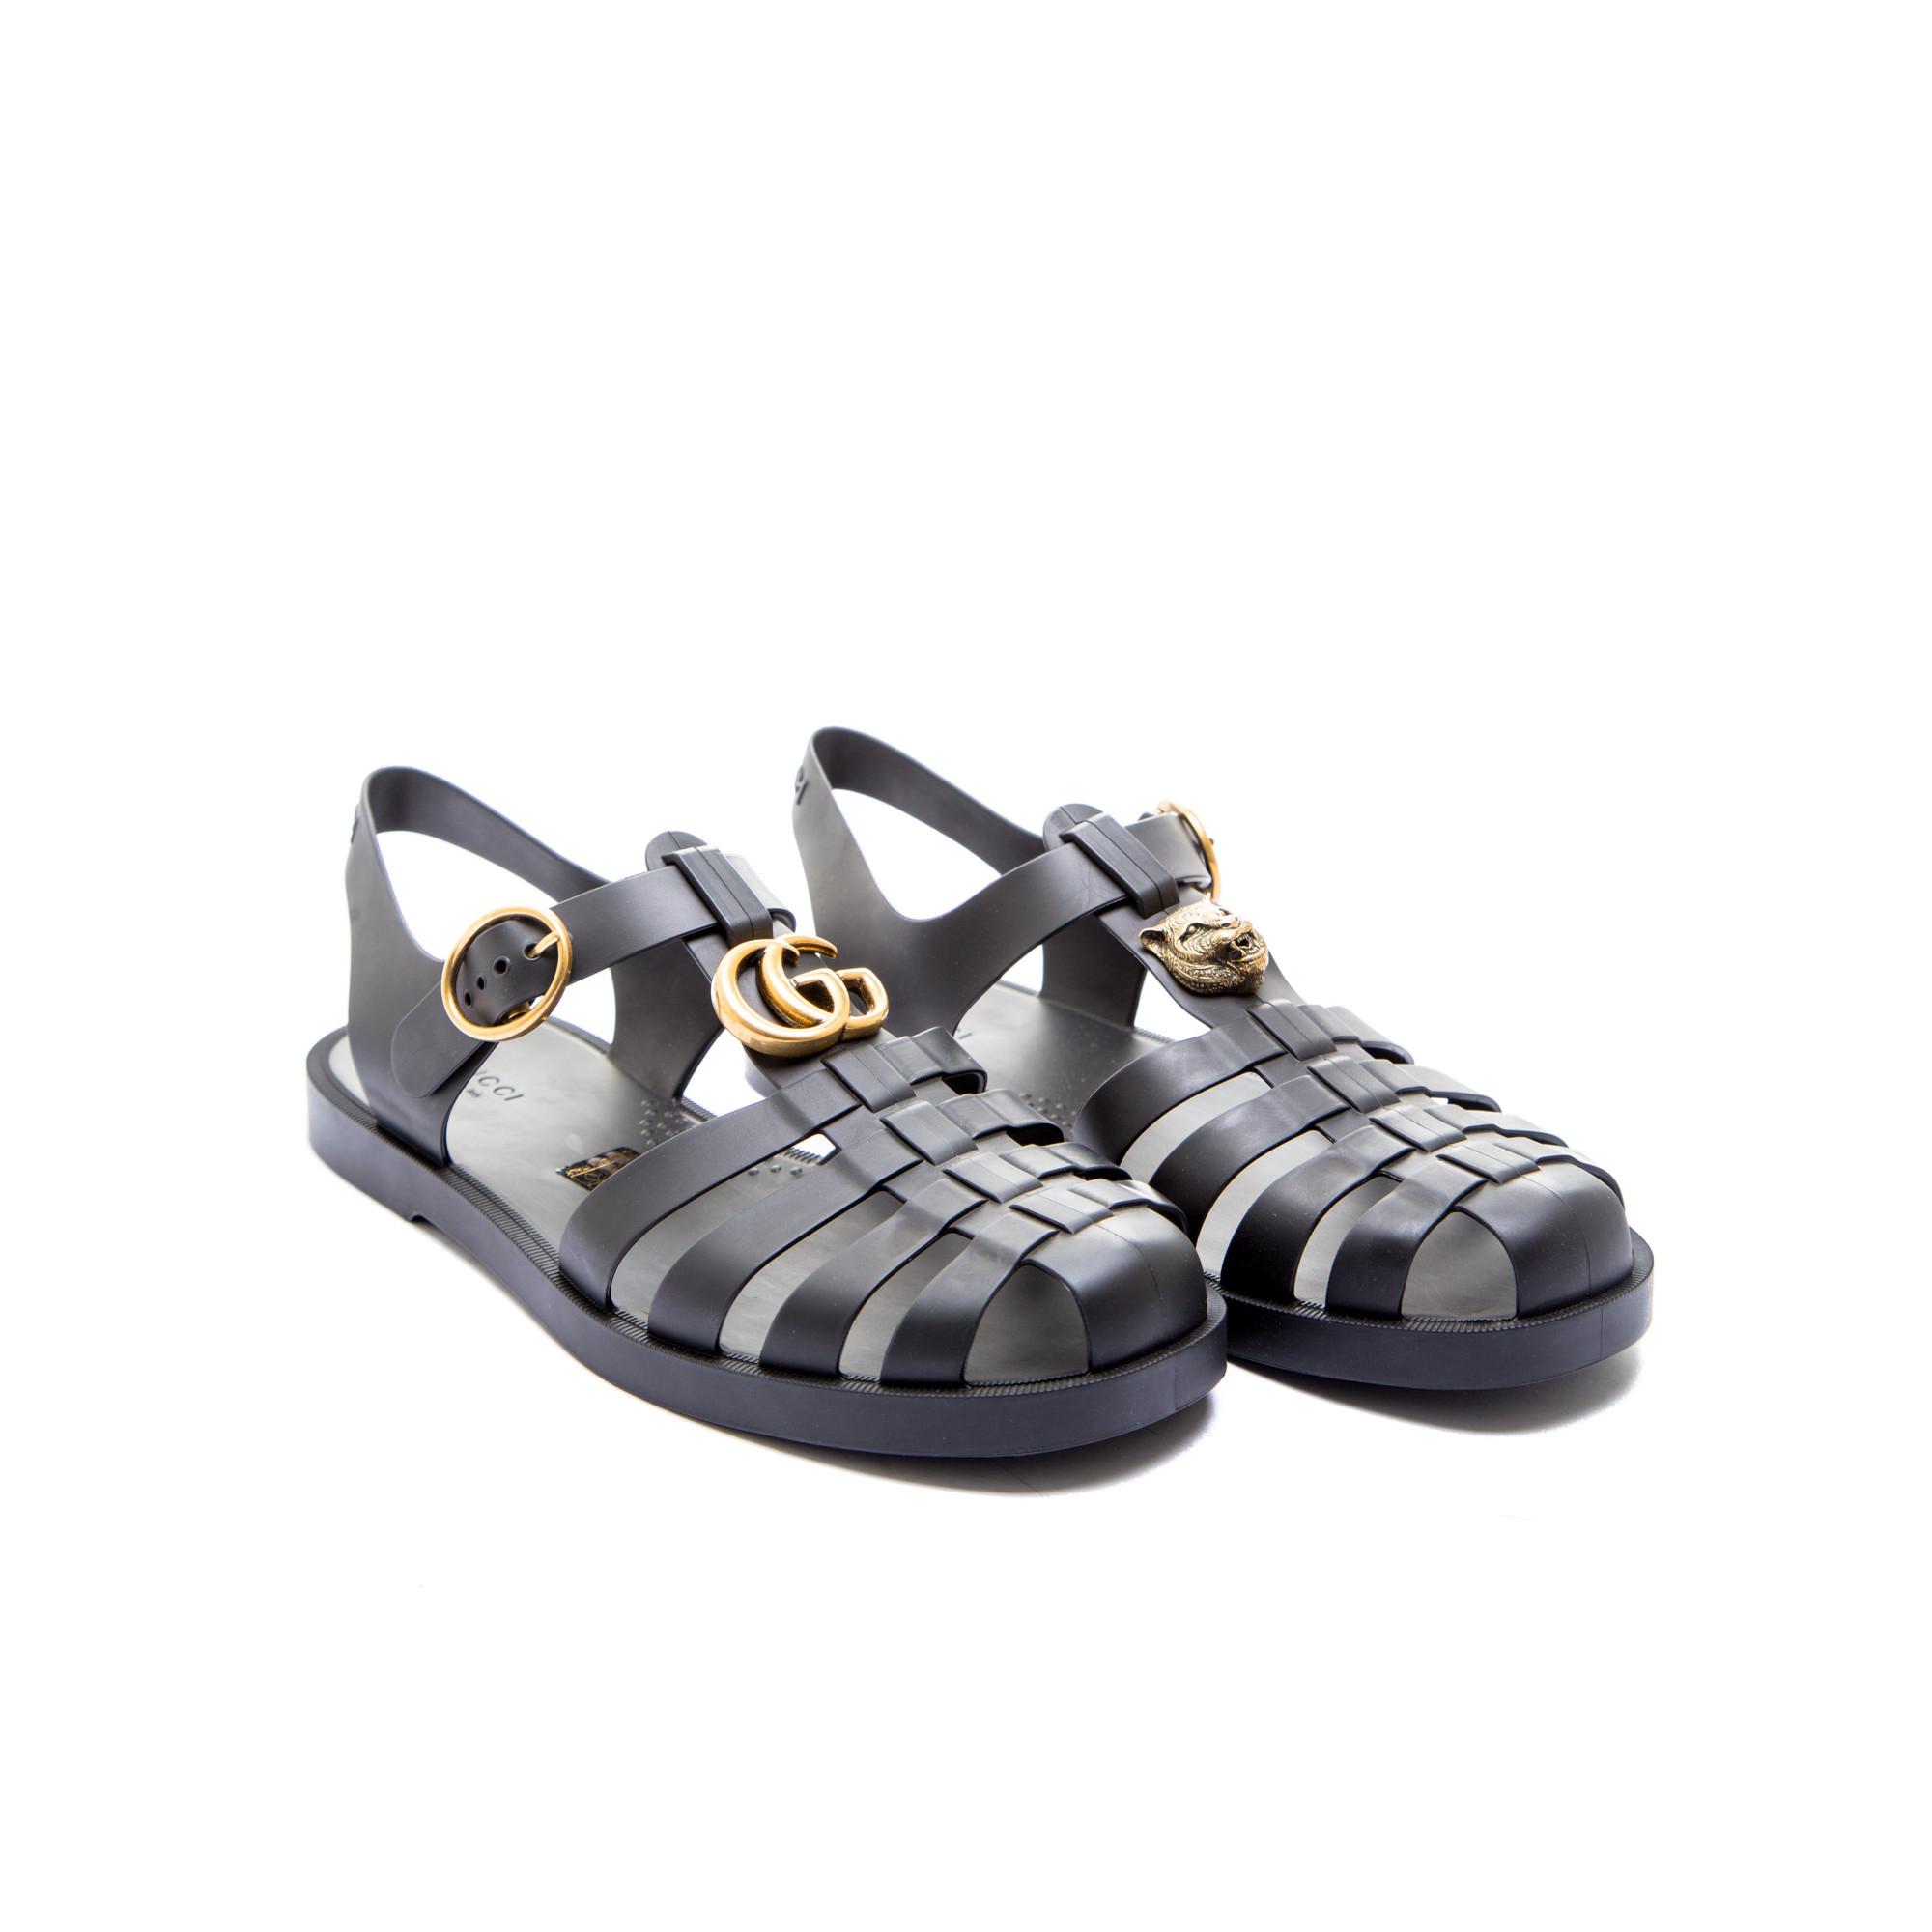 Chaussures Gucci Avec Des Boucles Pour Les Hommes VxPXZVo08